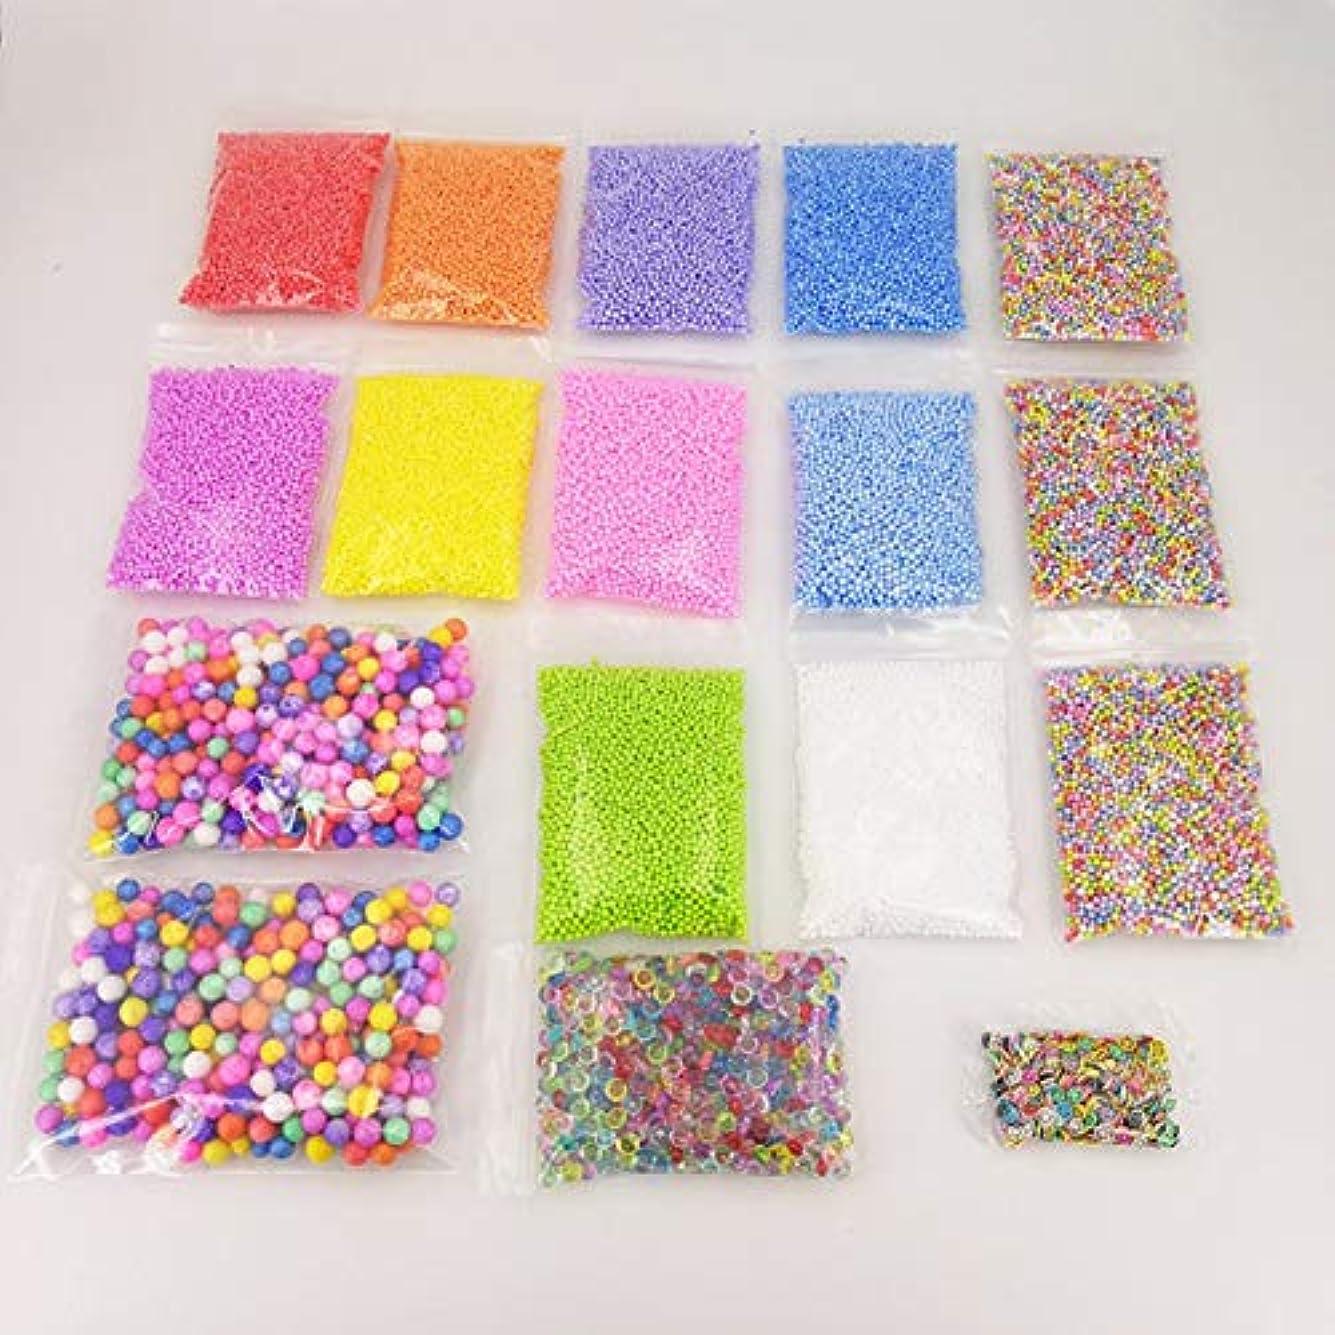 泥チャネル削除するSaikogoods 17パックスライムビーズ 金魚鉢ビーズ 発泡ボール ソフトクレイのためのフルーツスライス スライム作りキット DIYの工芸品 ホームデコレーション 多色